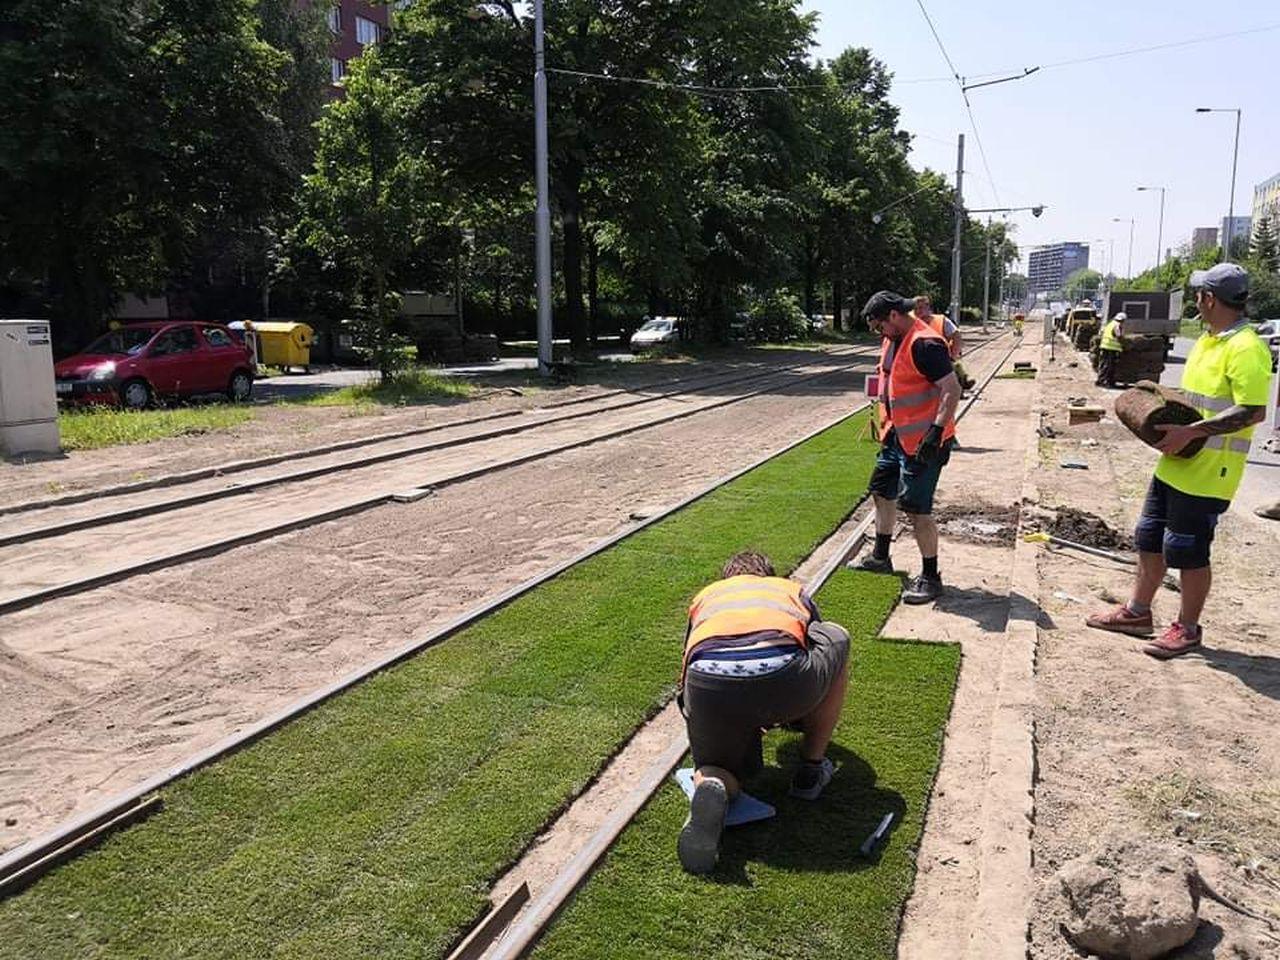 Instalace zeleného pásu na tramvajovou trať ve Výškovické ulici. Foto: DPO